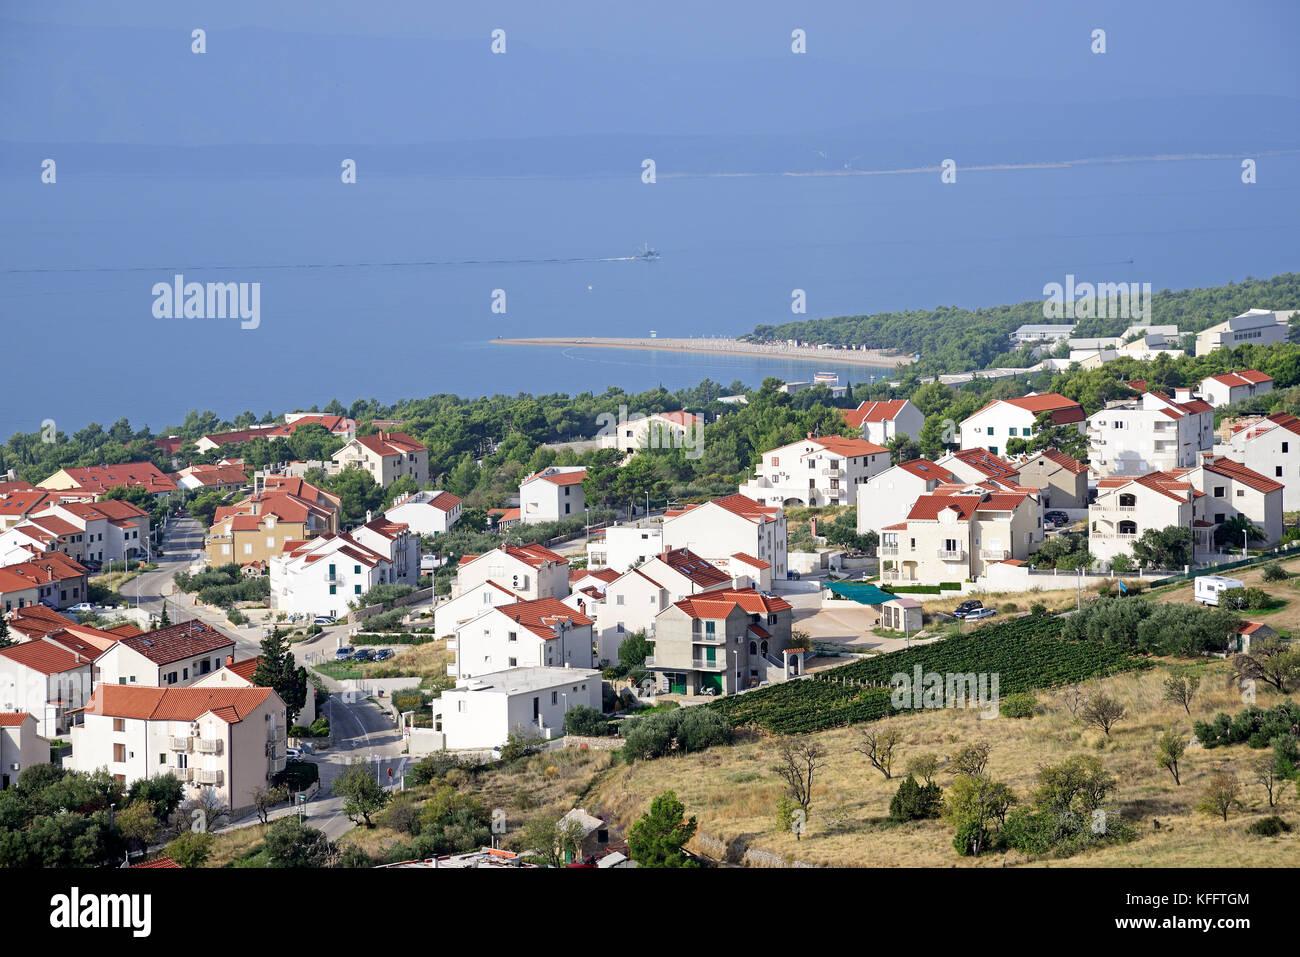 Village bol sur l'île de Brac, mer Adriatique, mer méditerranée, île de Brac, Dalmatie, Photo Stock